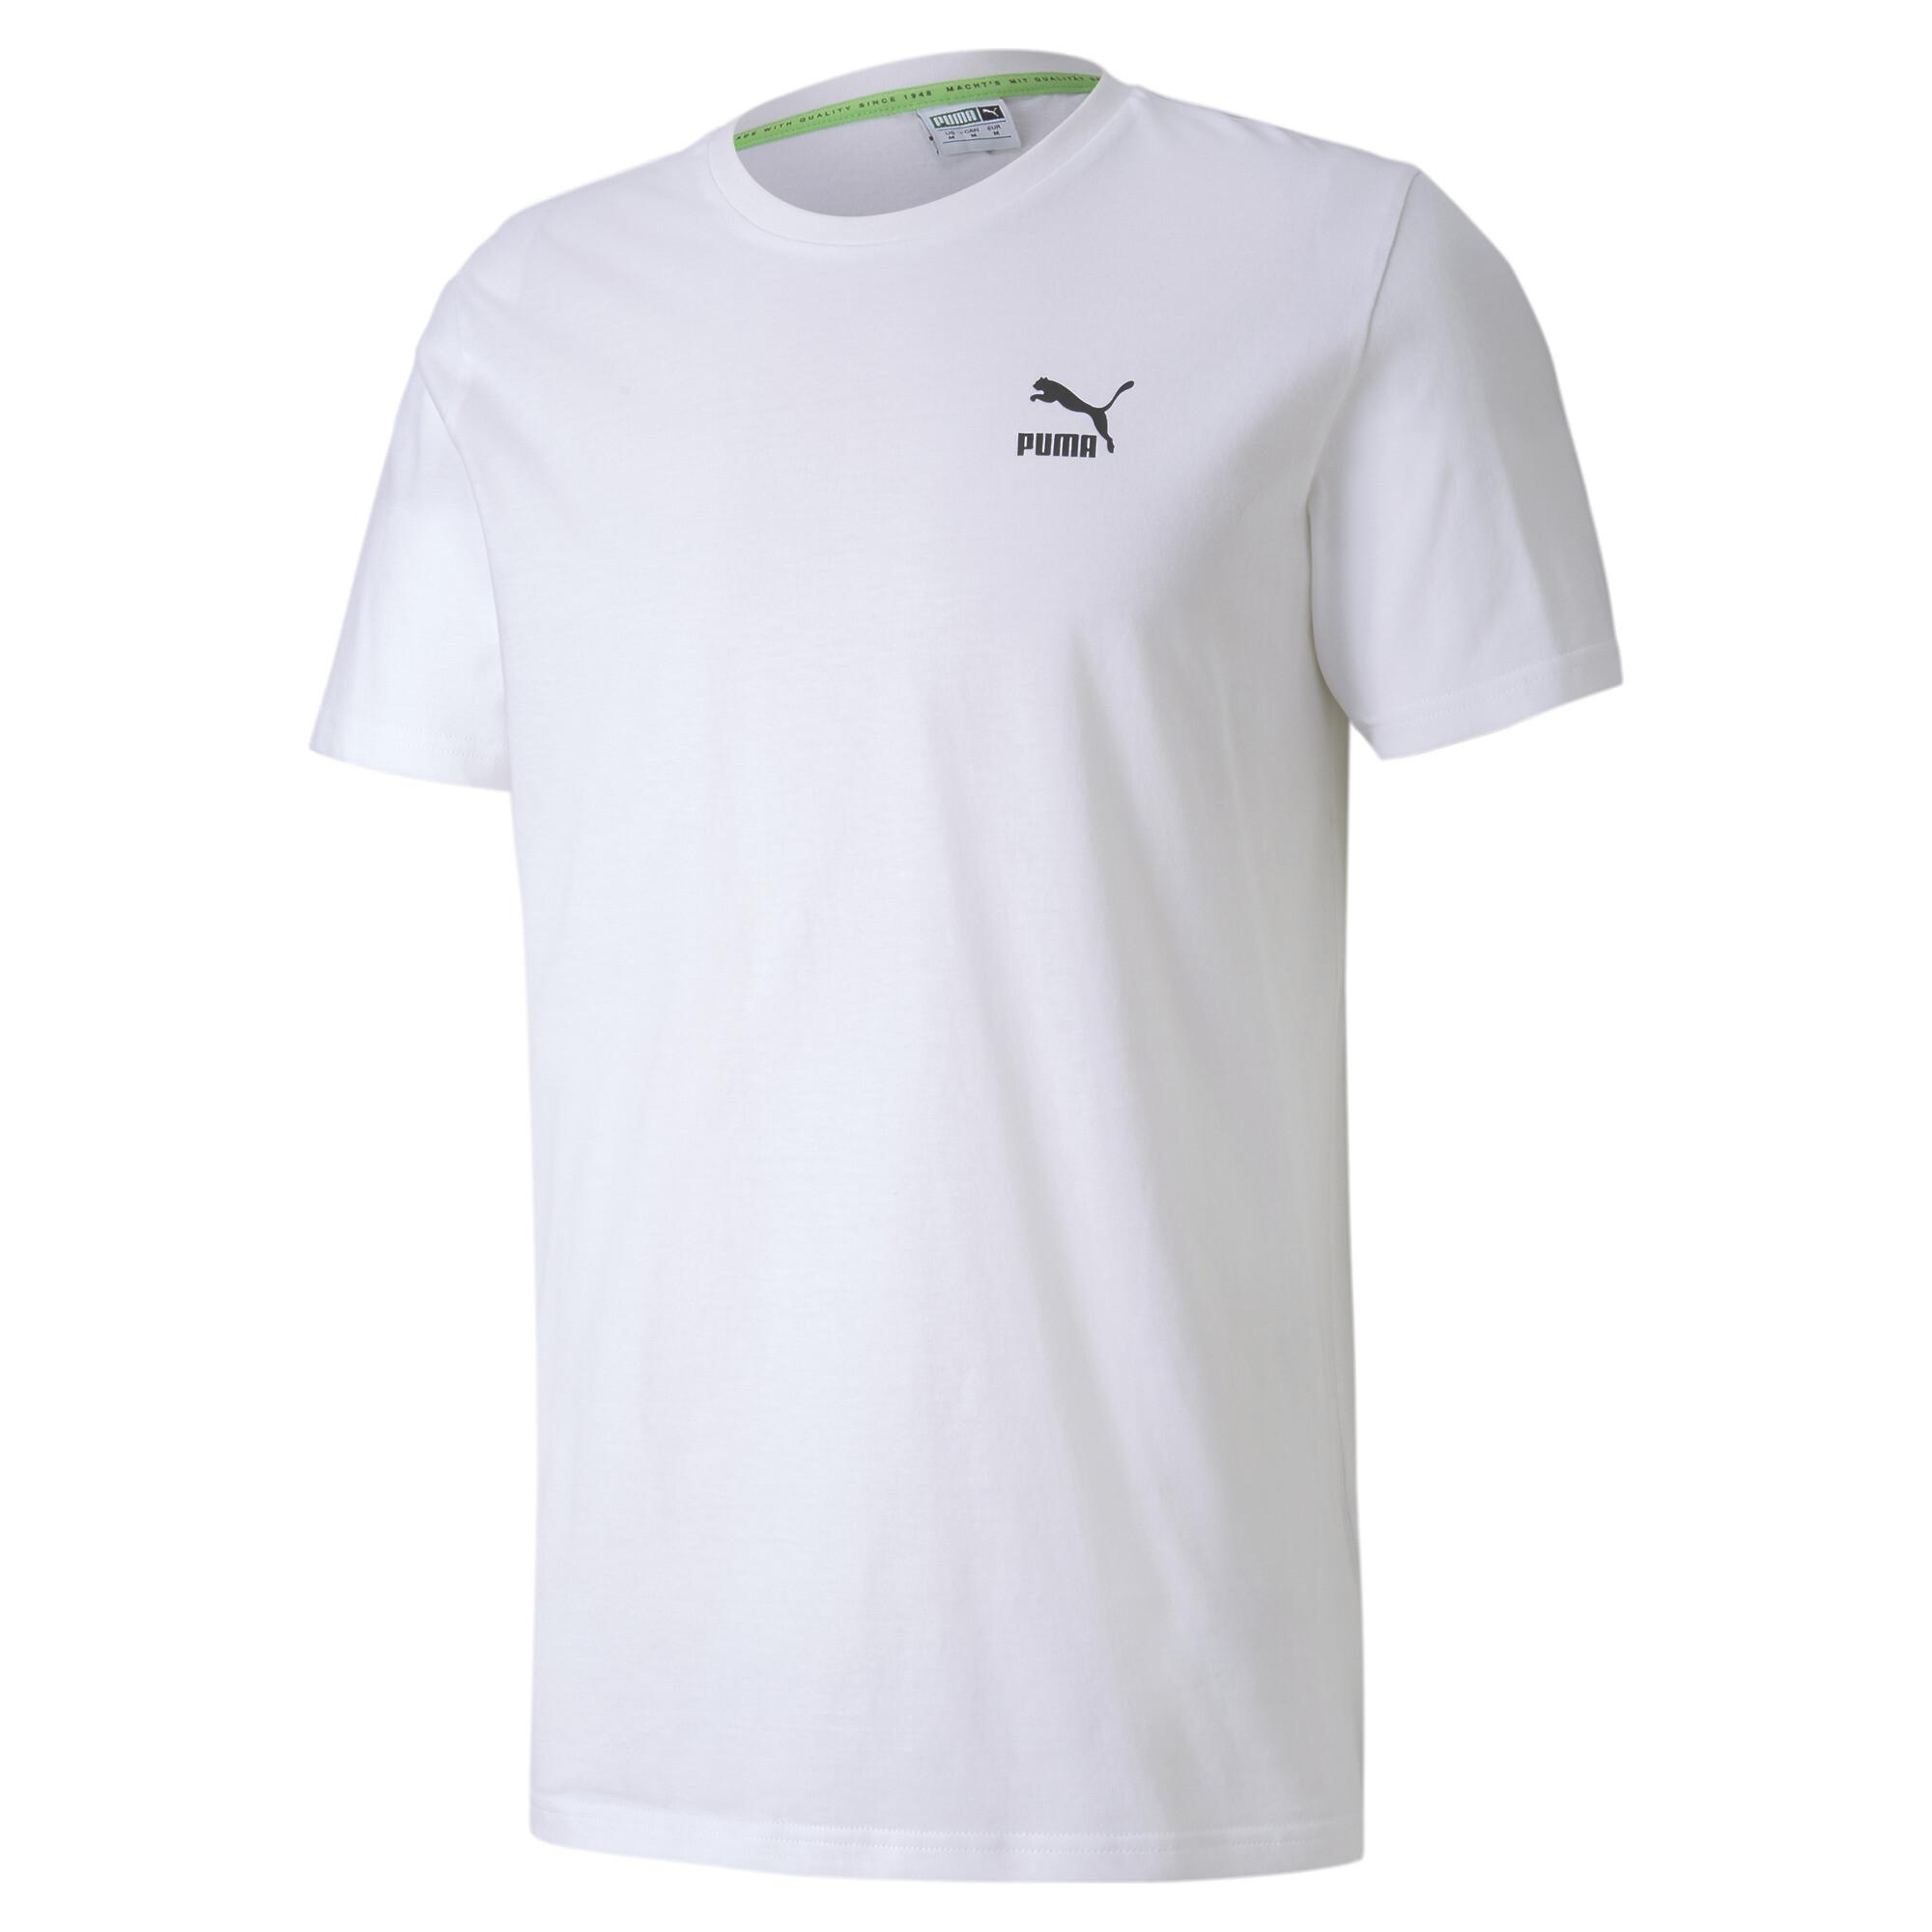 【プーマ公式通販】 プーマ TFS グラフィックTシャツ 半袖 メンズ Puma White |PUMA.com